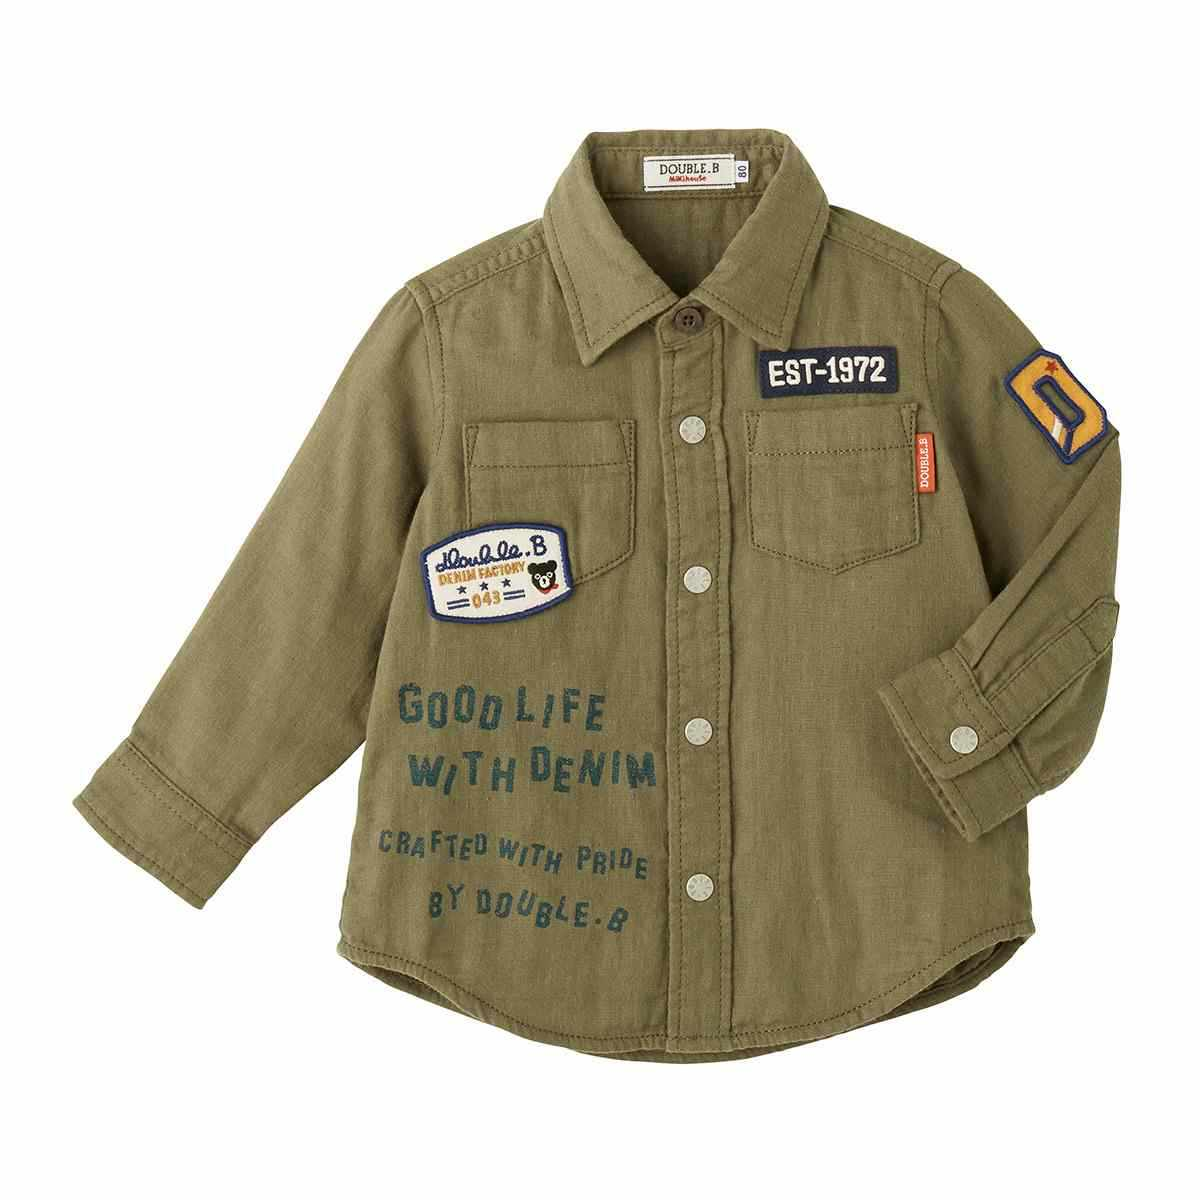 ダブルB DOUBLE_Bダブルガーゼ素材のミリタリーシャツ (110-150cm)63-5301-260